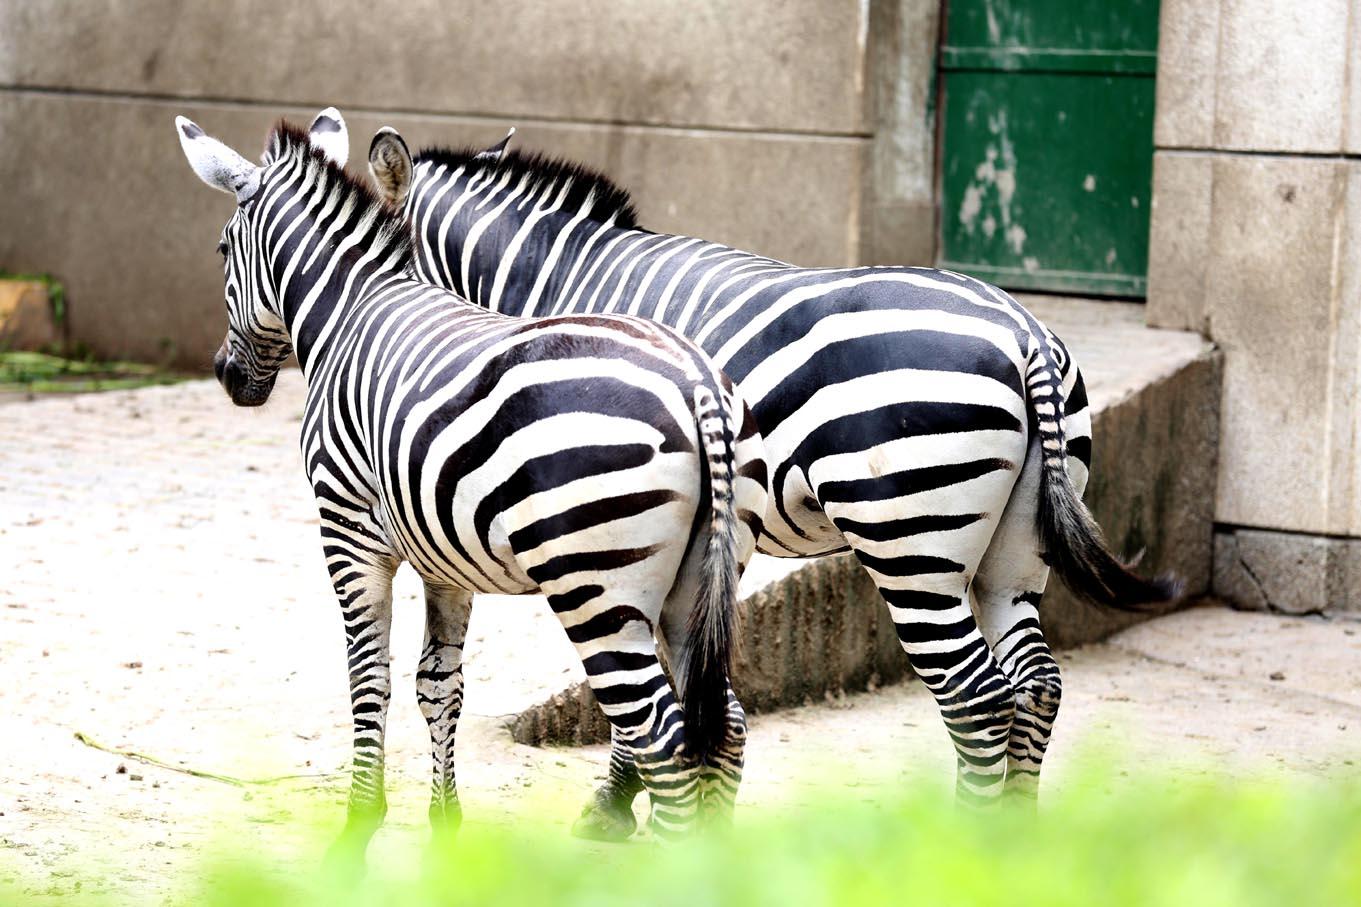 nut90作品:动物园的闲暇时光